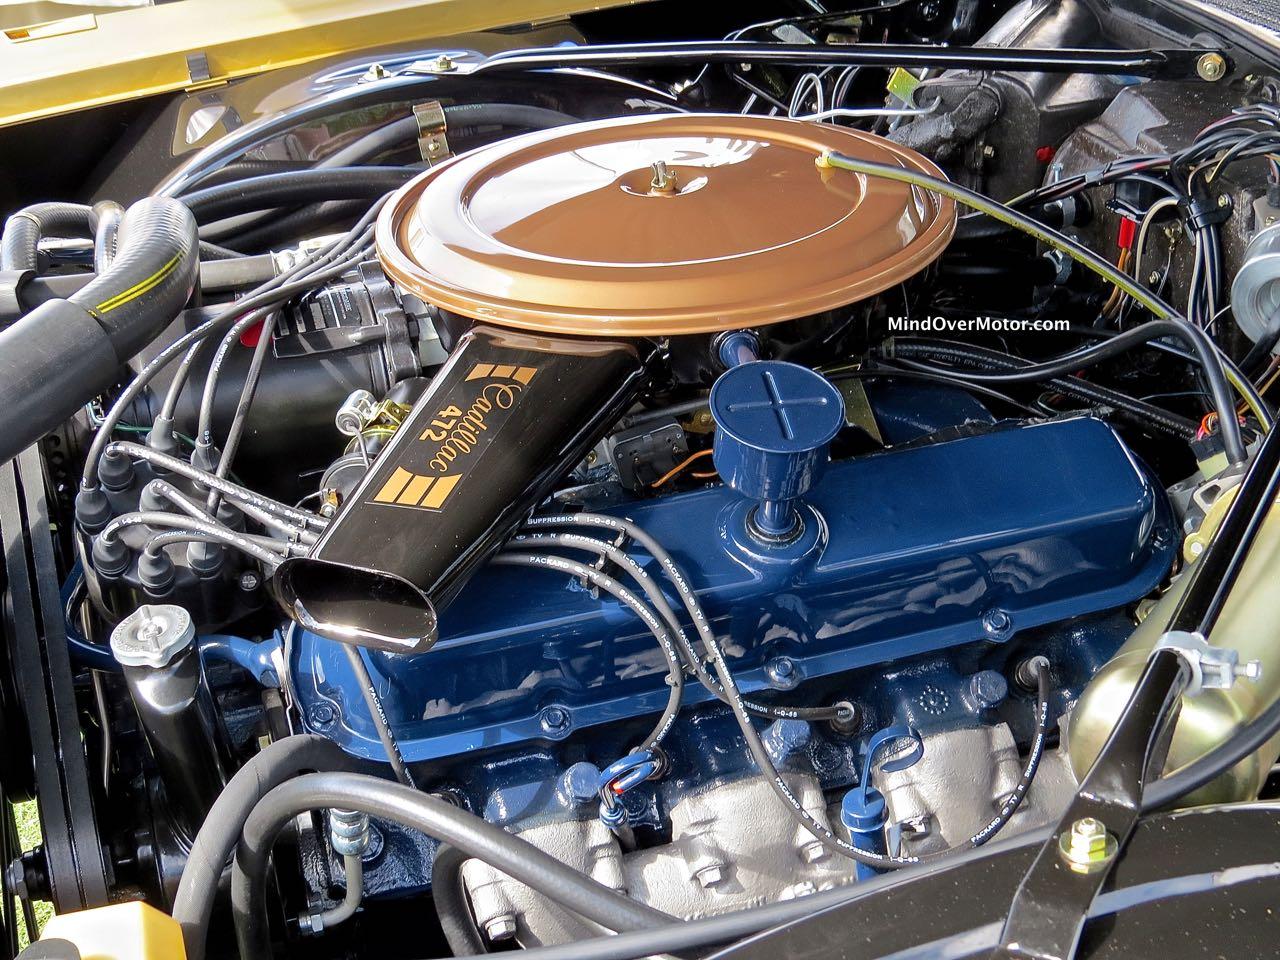 1968 Cadillac Eldorado Engine